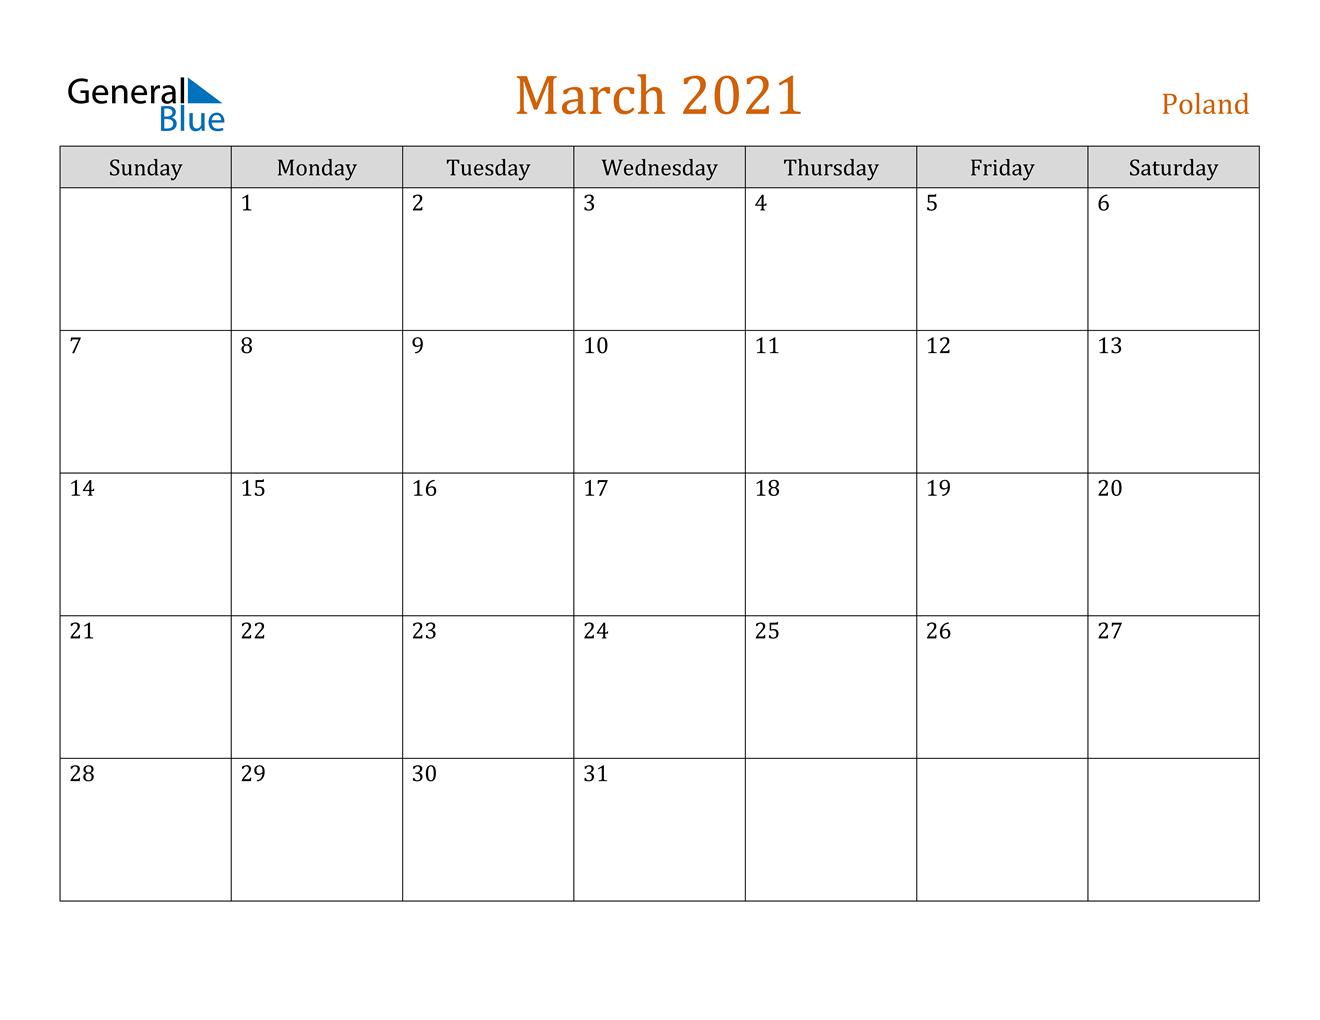 March 2021 Calendar Poland